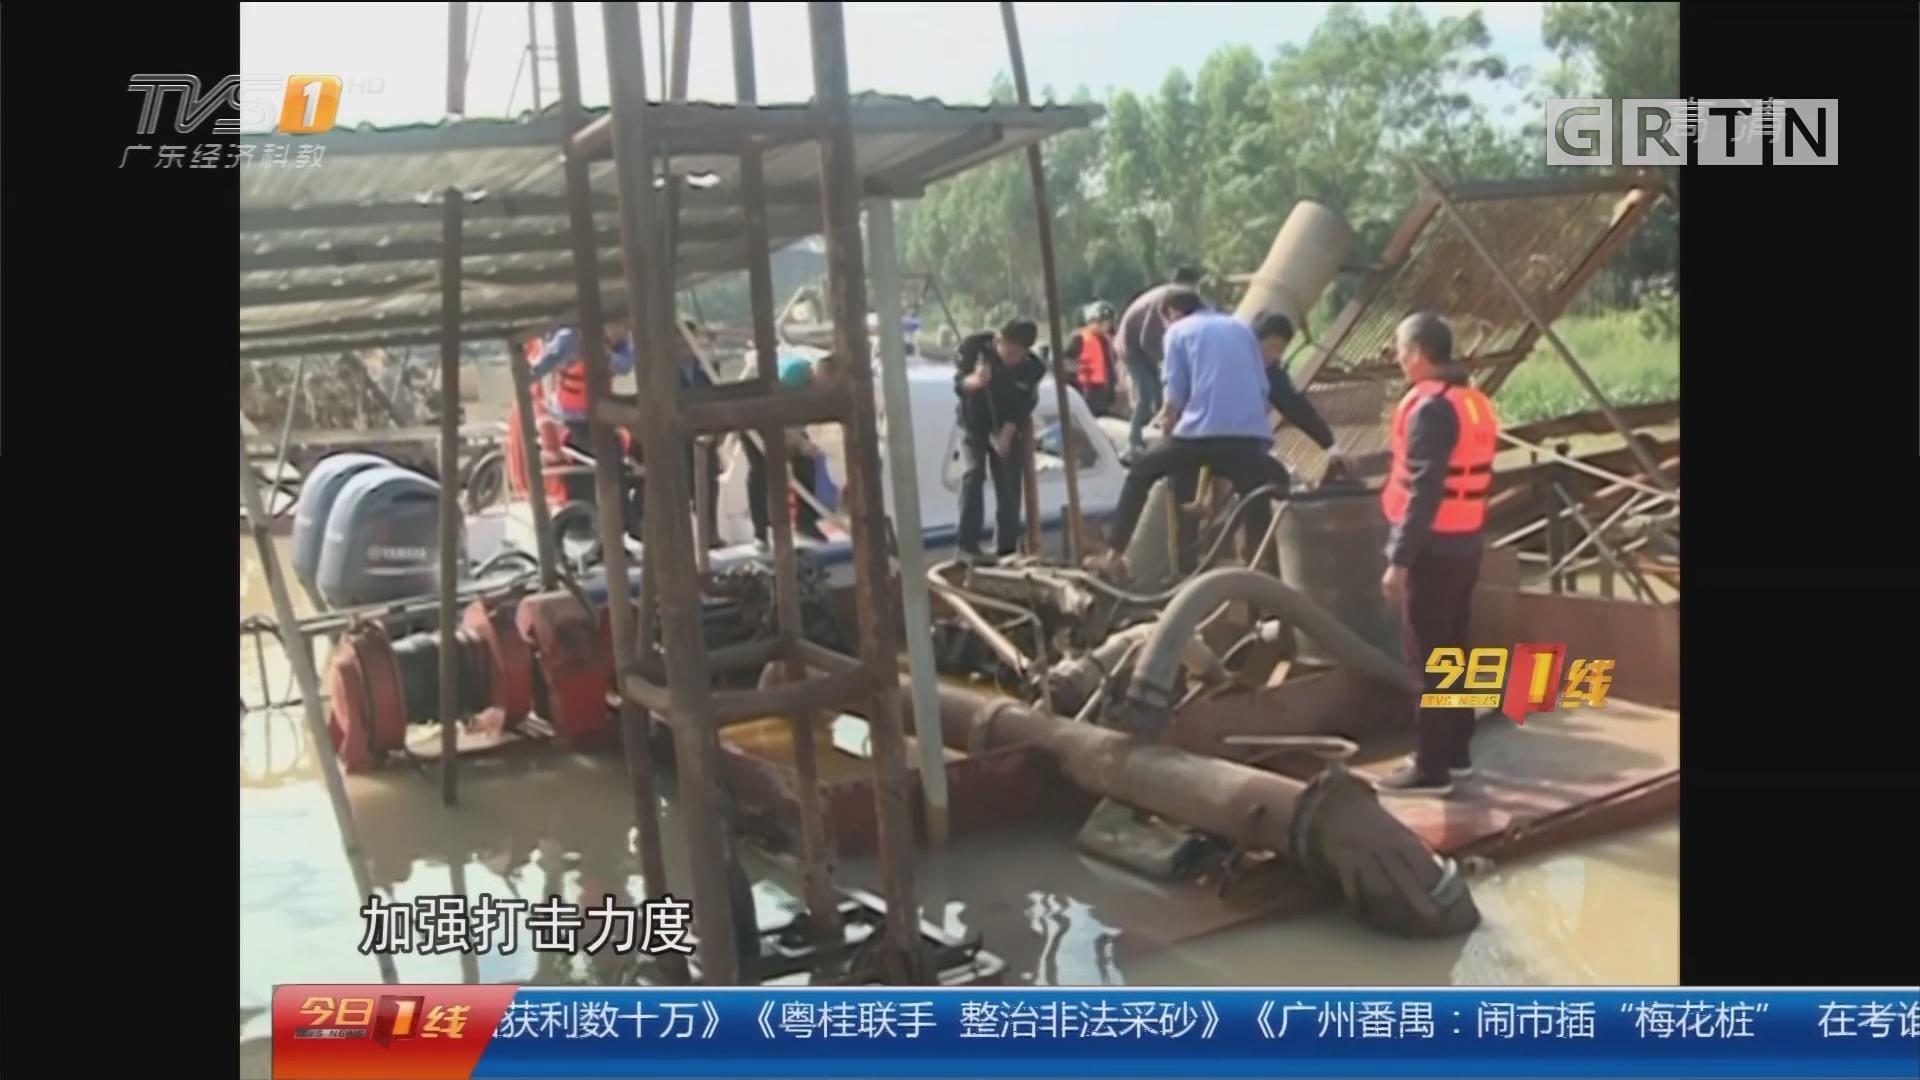 新闻追踪:粤桂联手 整治非法采砂